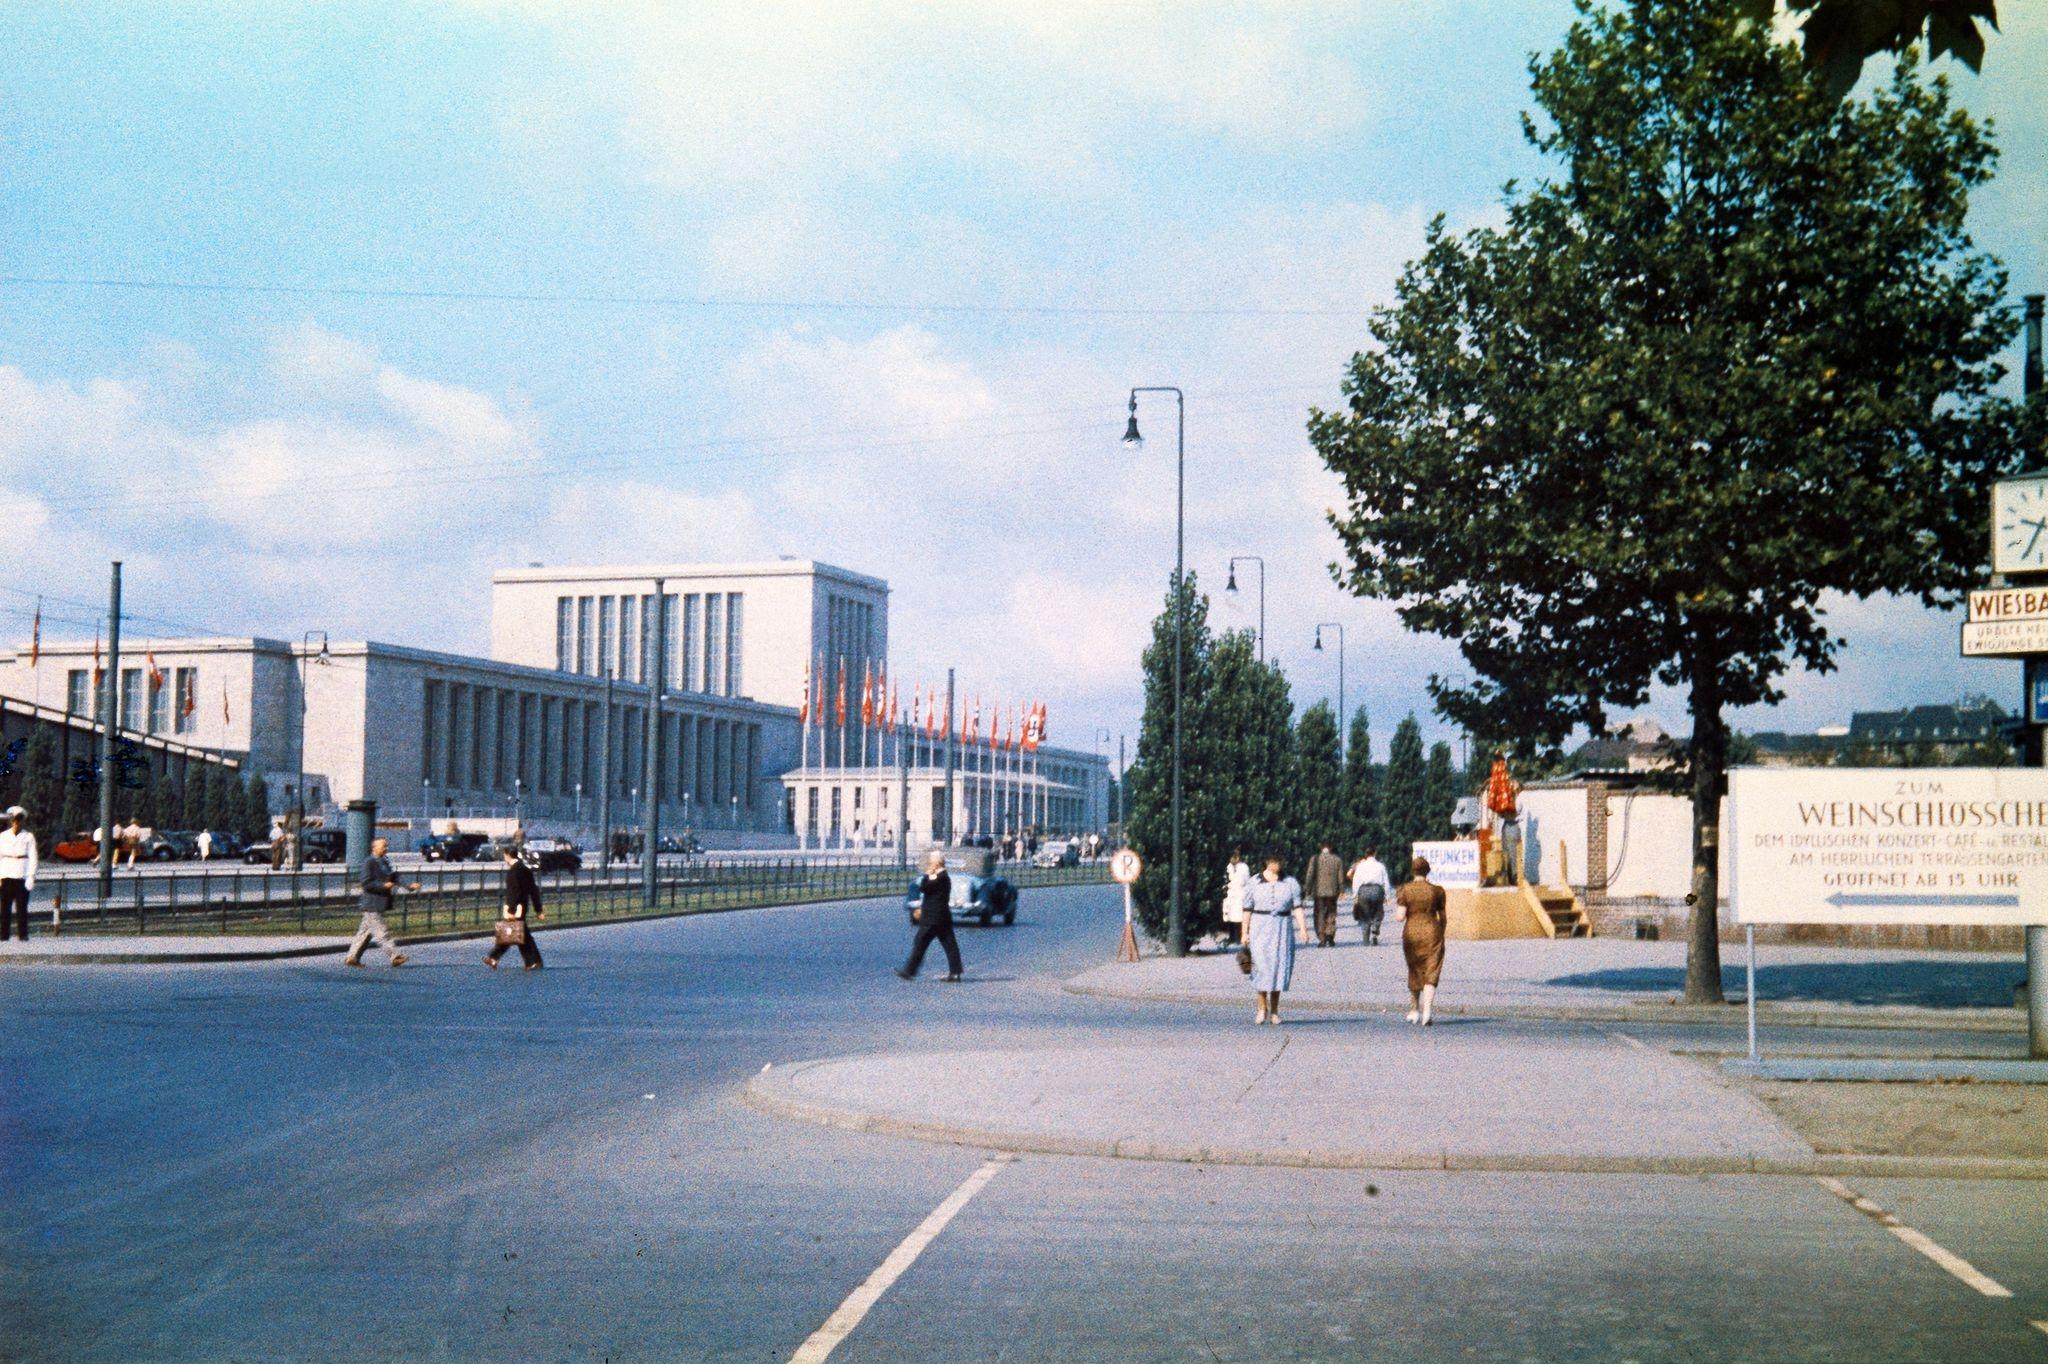 Пешеходы возле выставочного центра «Мессе Берлин» на Мазуреналлее.jpg